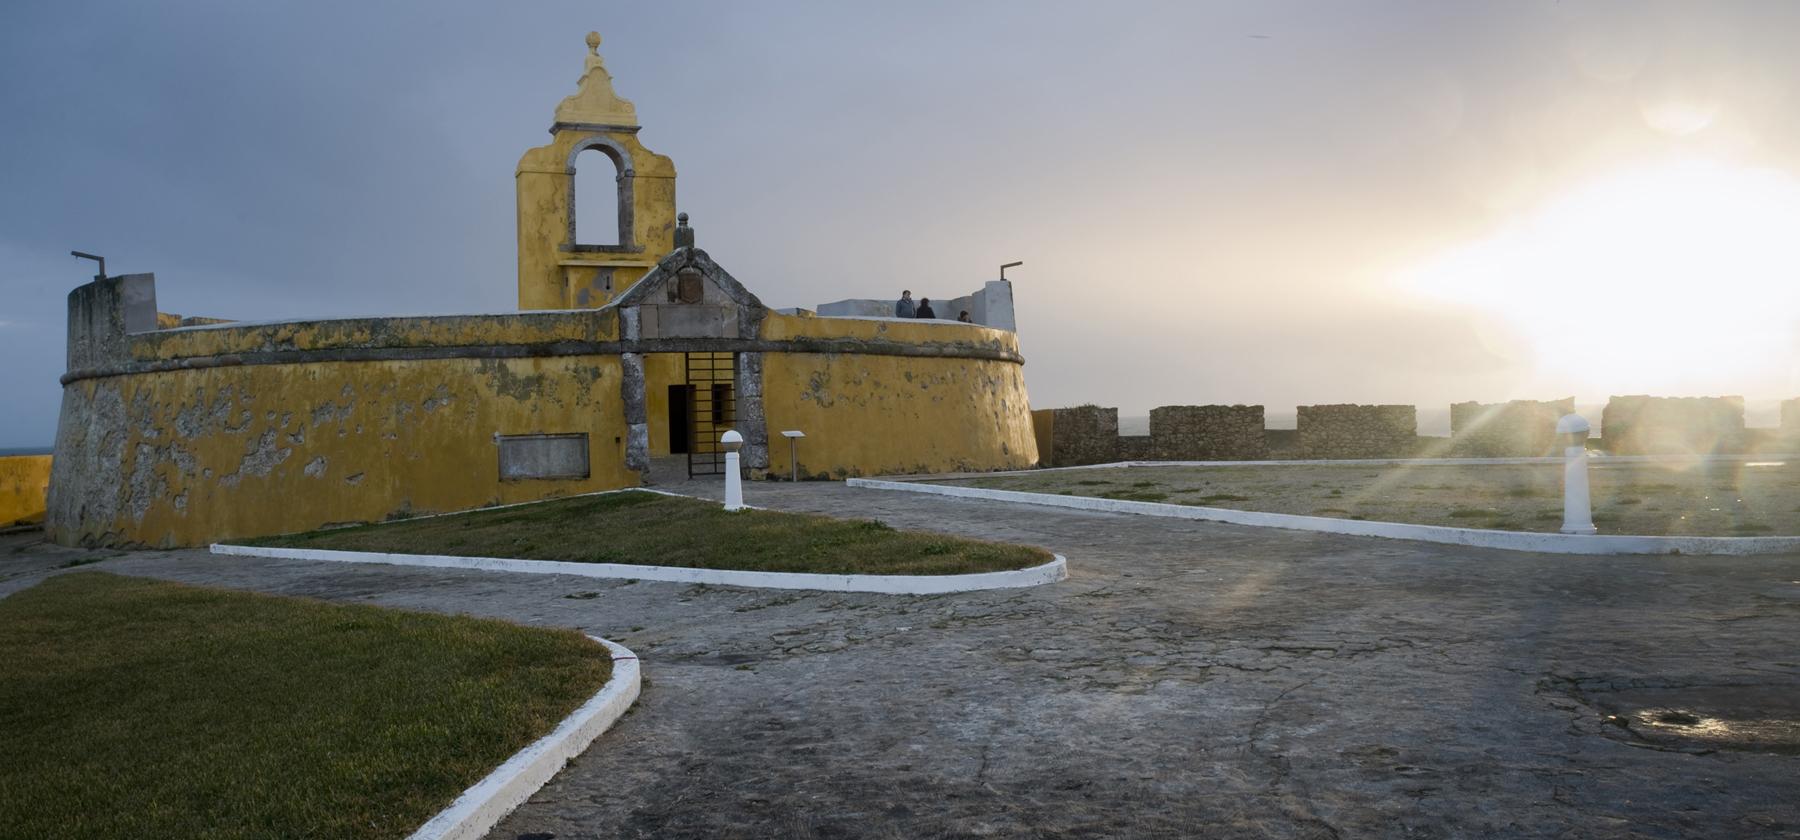 """Peniche: a """"chave do reino"""" por mar. A história das muralhas que nos protegeram dos invasores"""